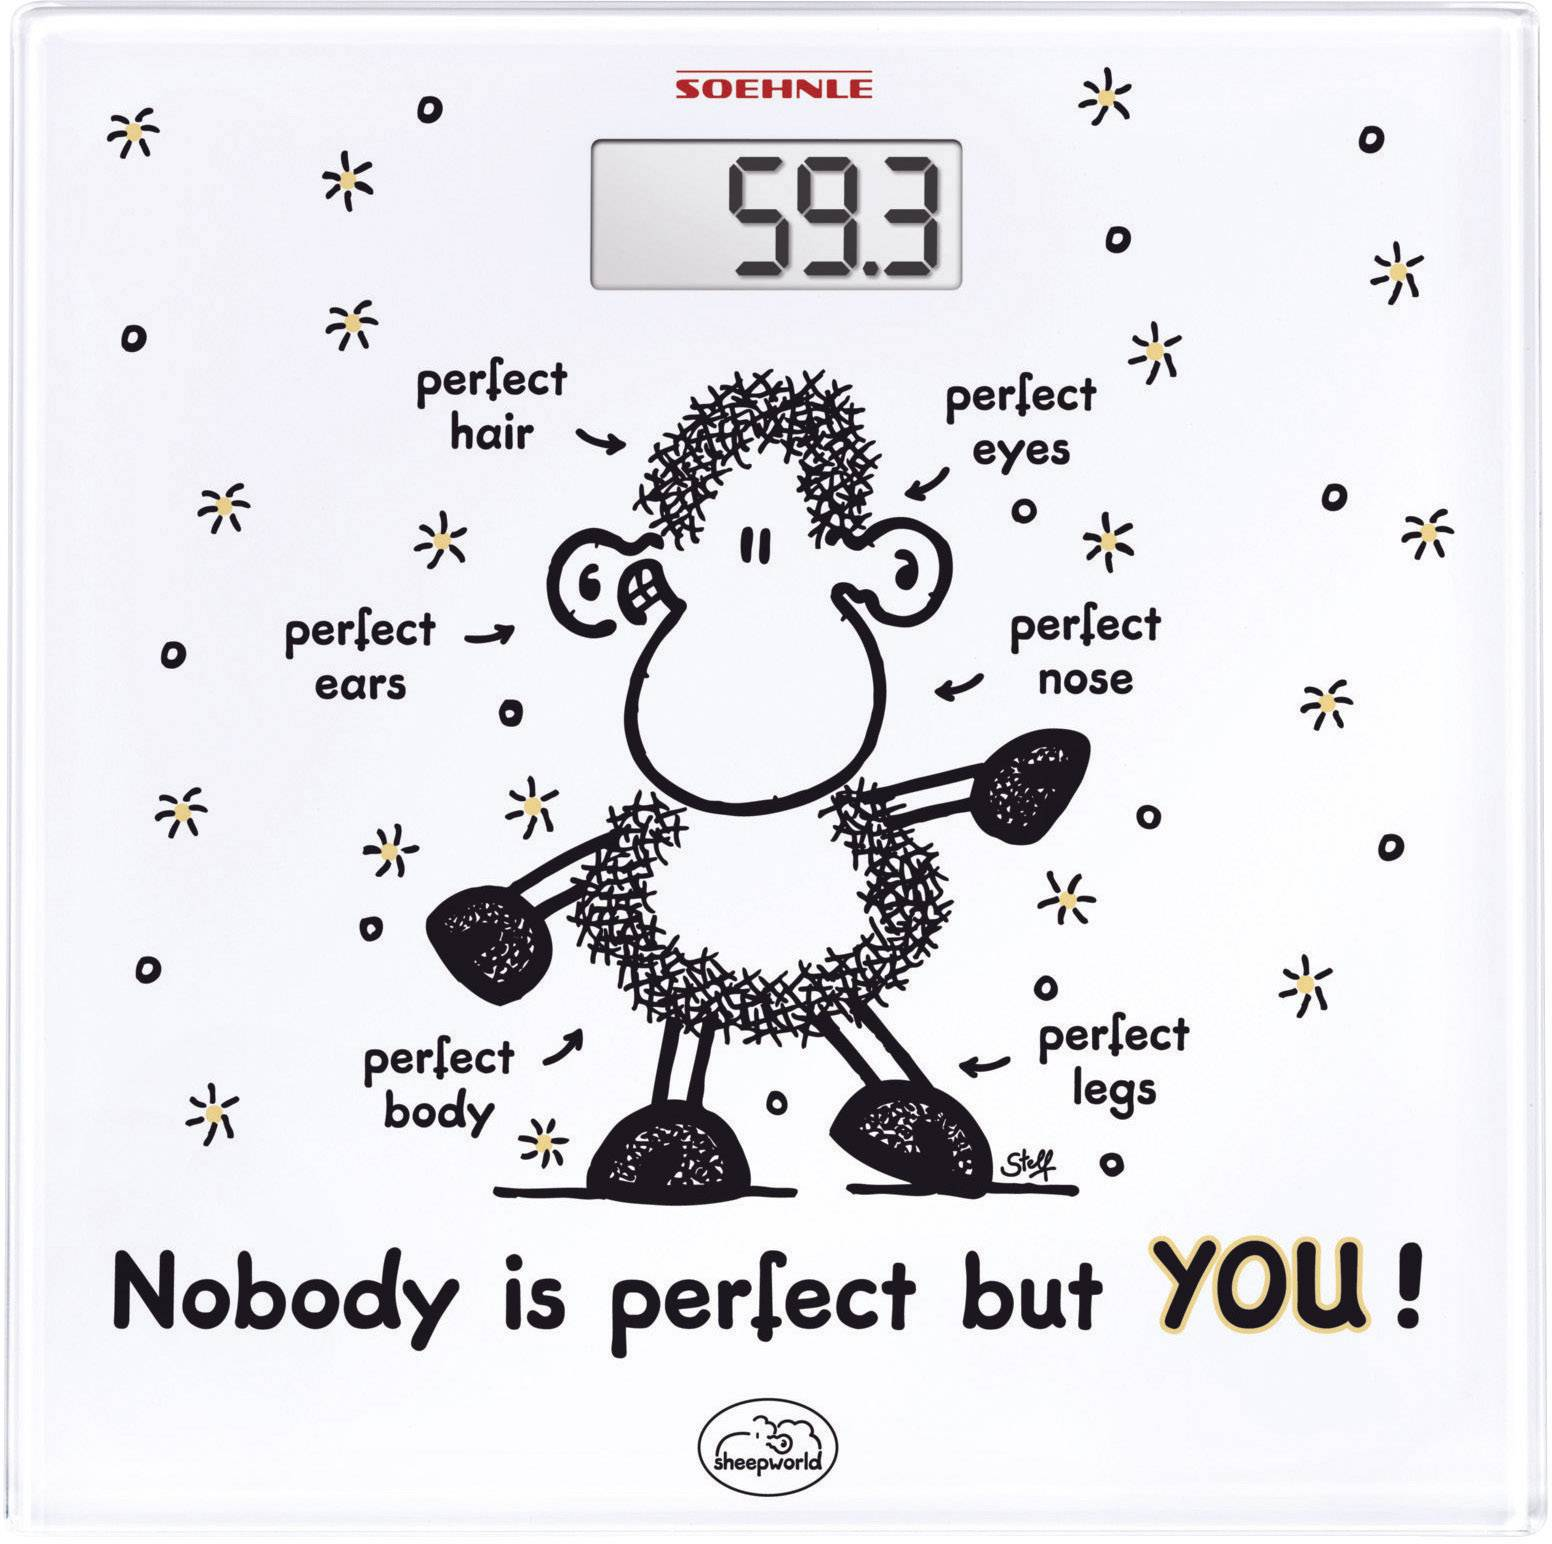 Skleněná osobní váha Soehnle Sheepworld, 63345, bílá